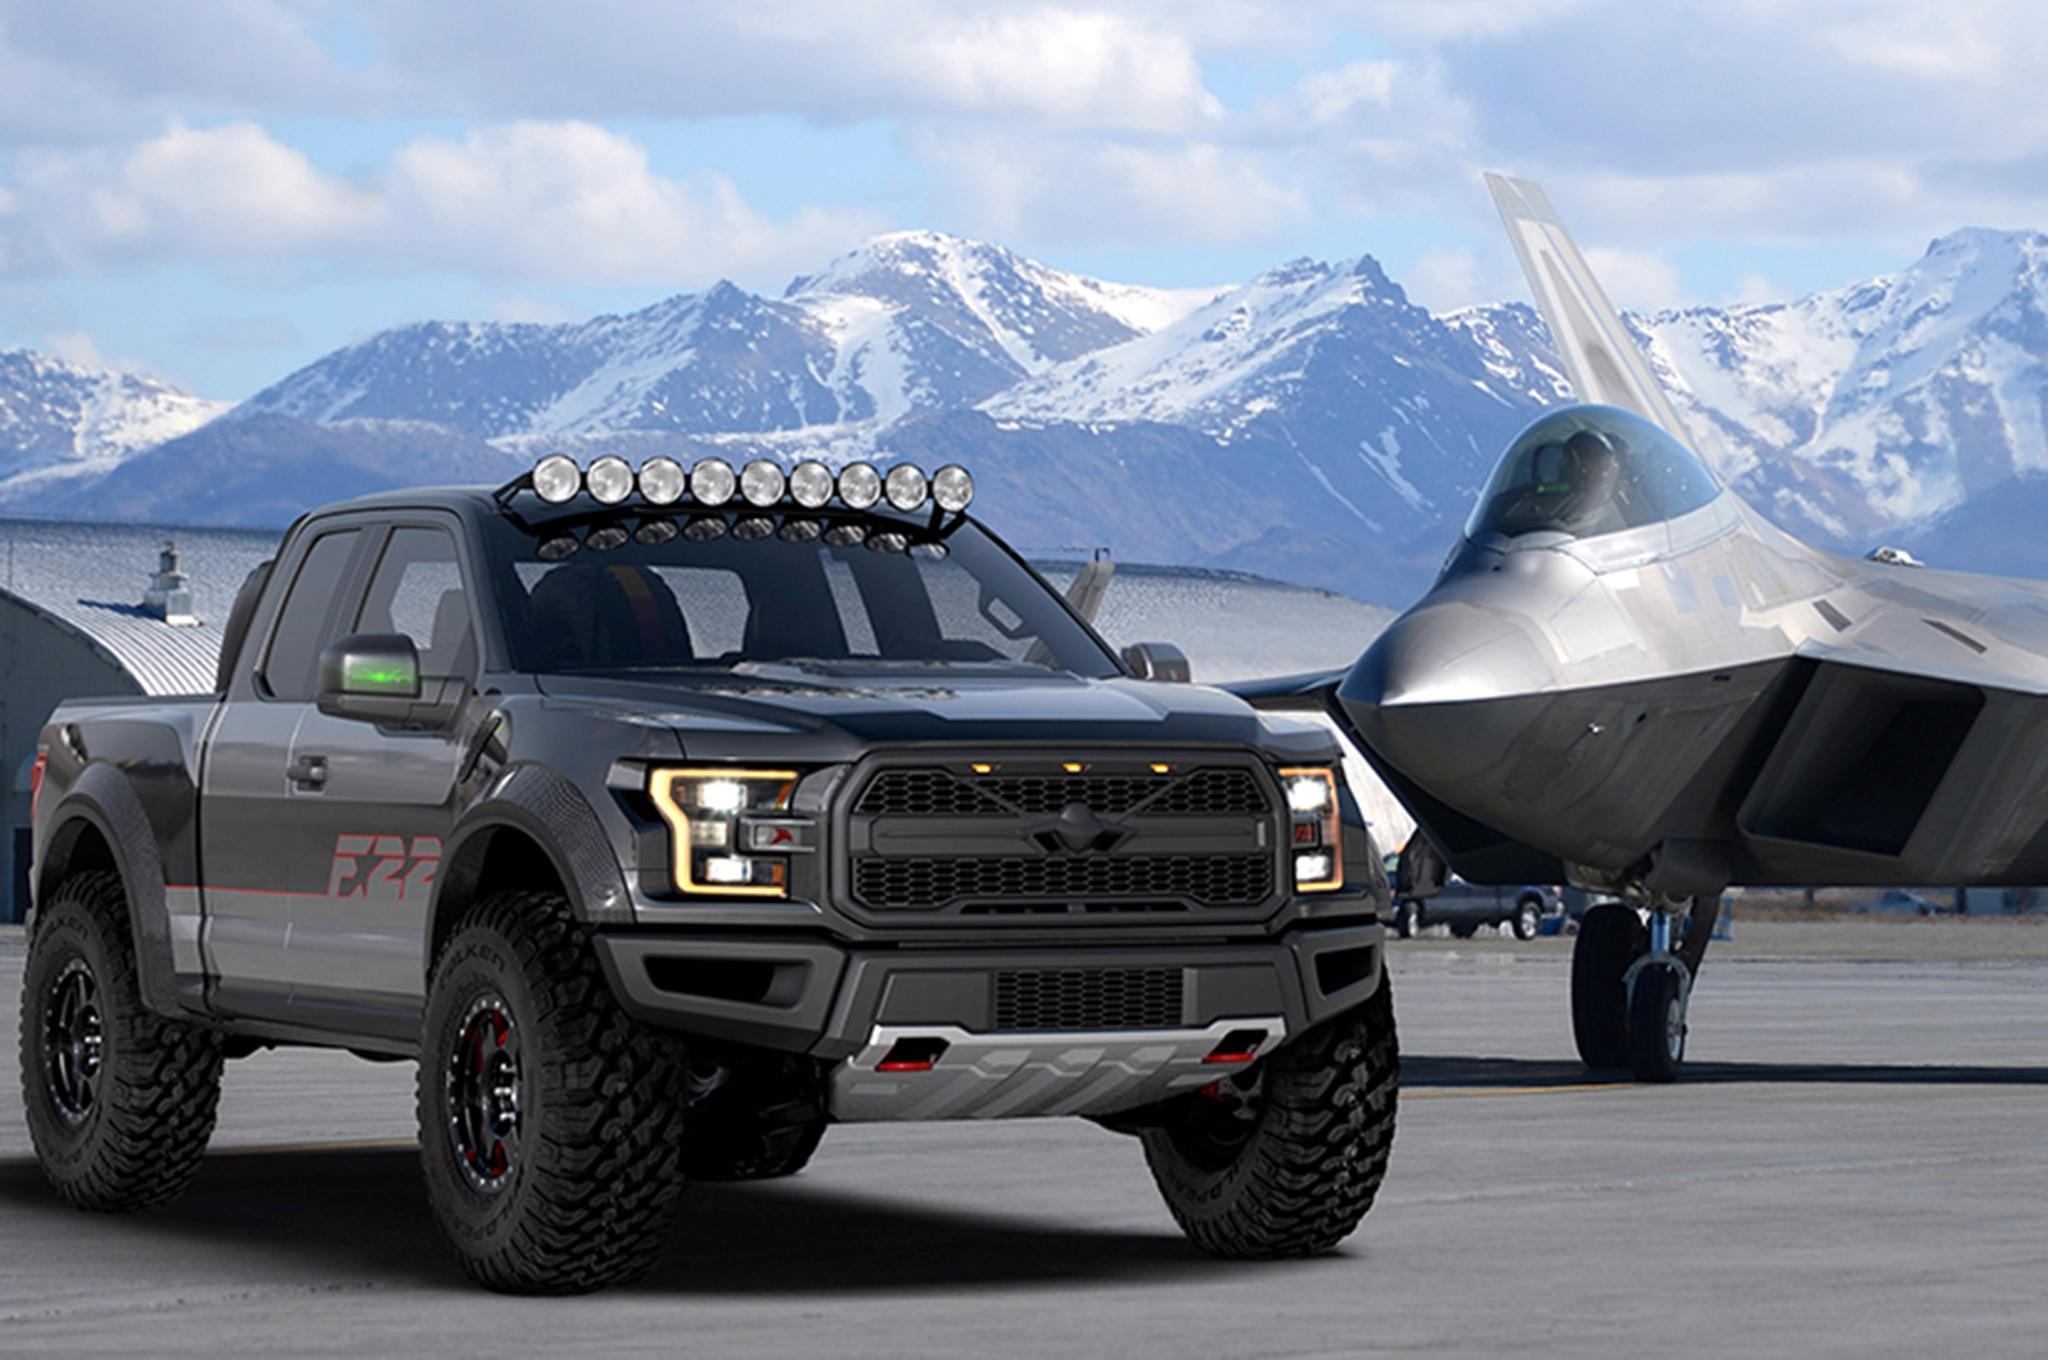 545 HP Ford F 22 Raptor 150 Set To Soar